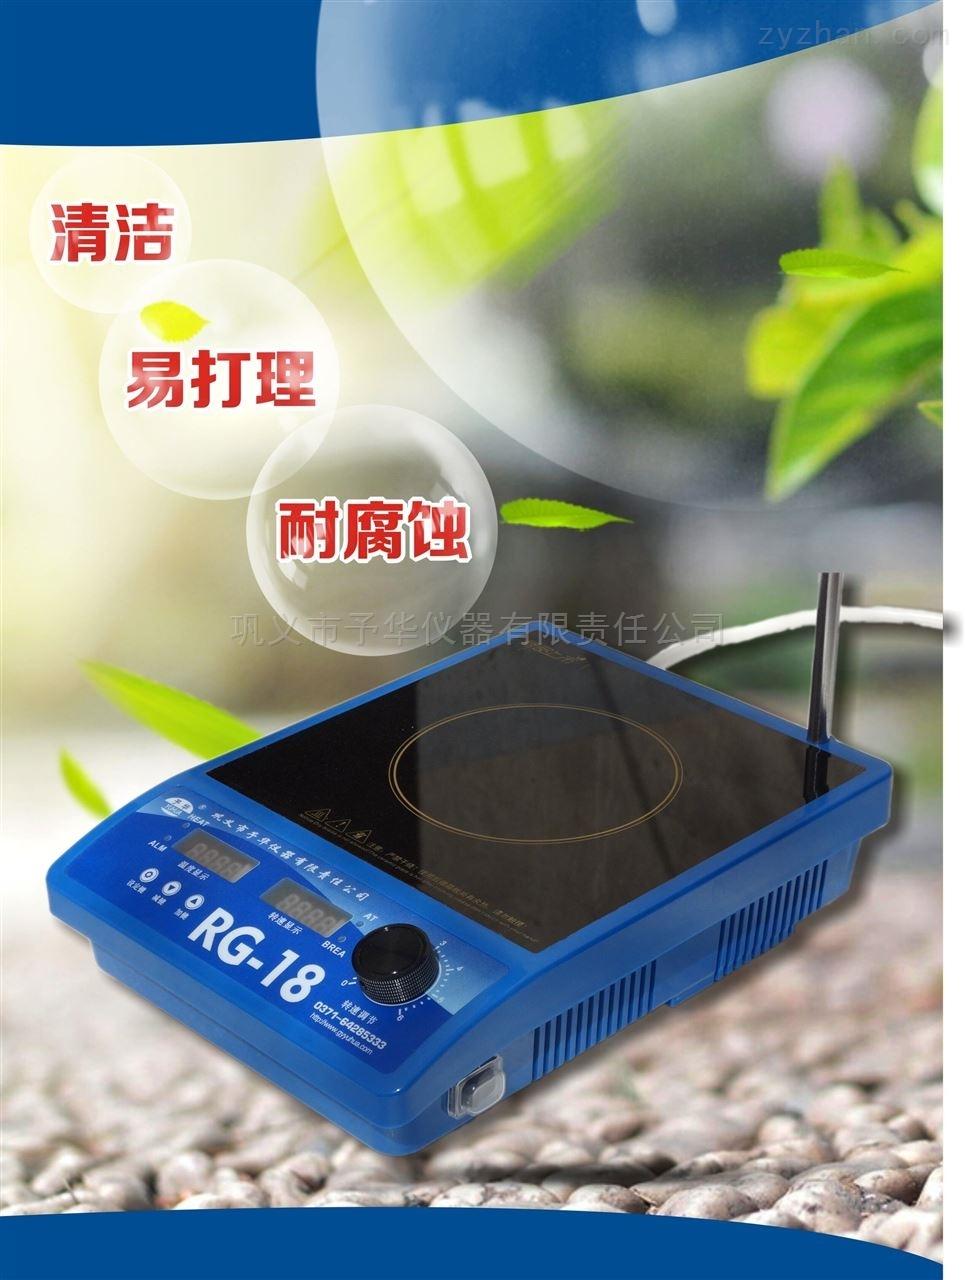 平板磁力搅拌器RG-18/G-18 予华仪器